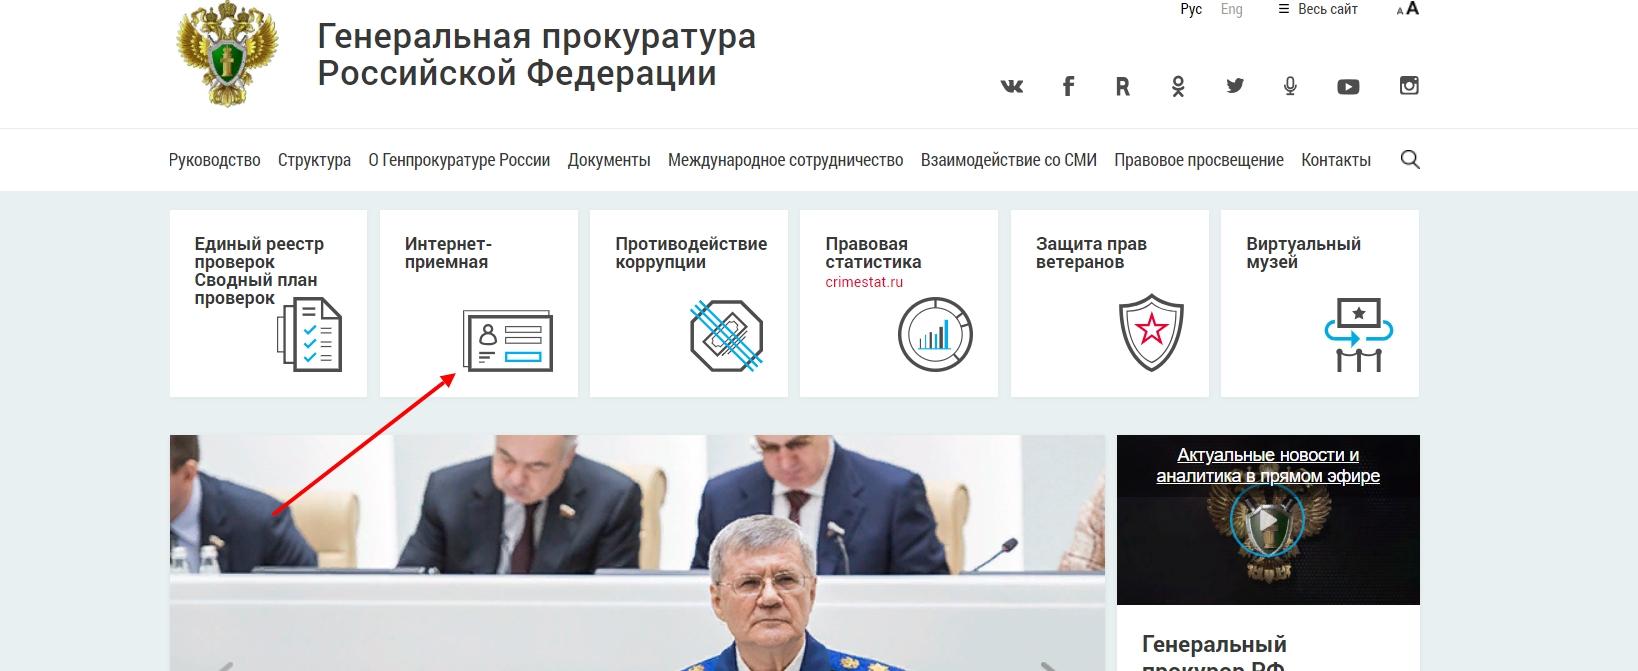 Интернет приемная генеральной прокуратуры